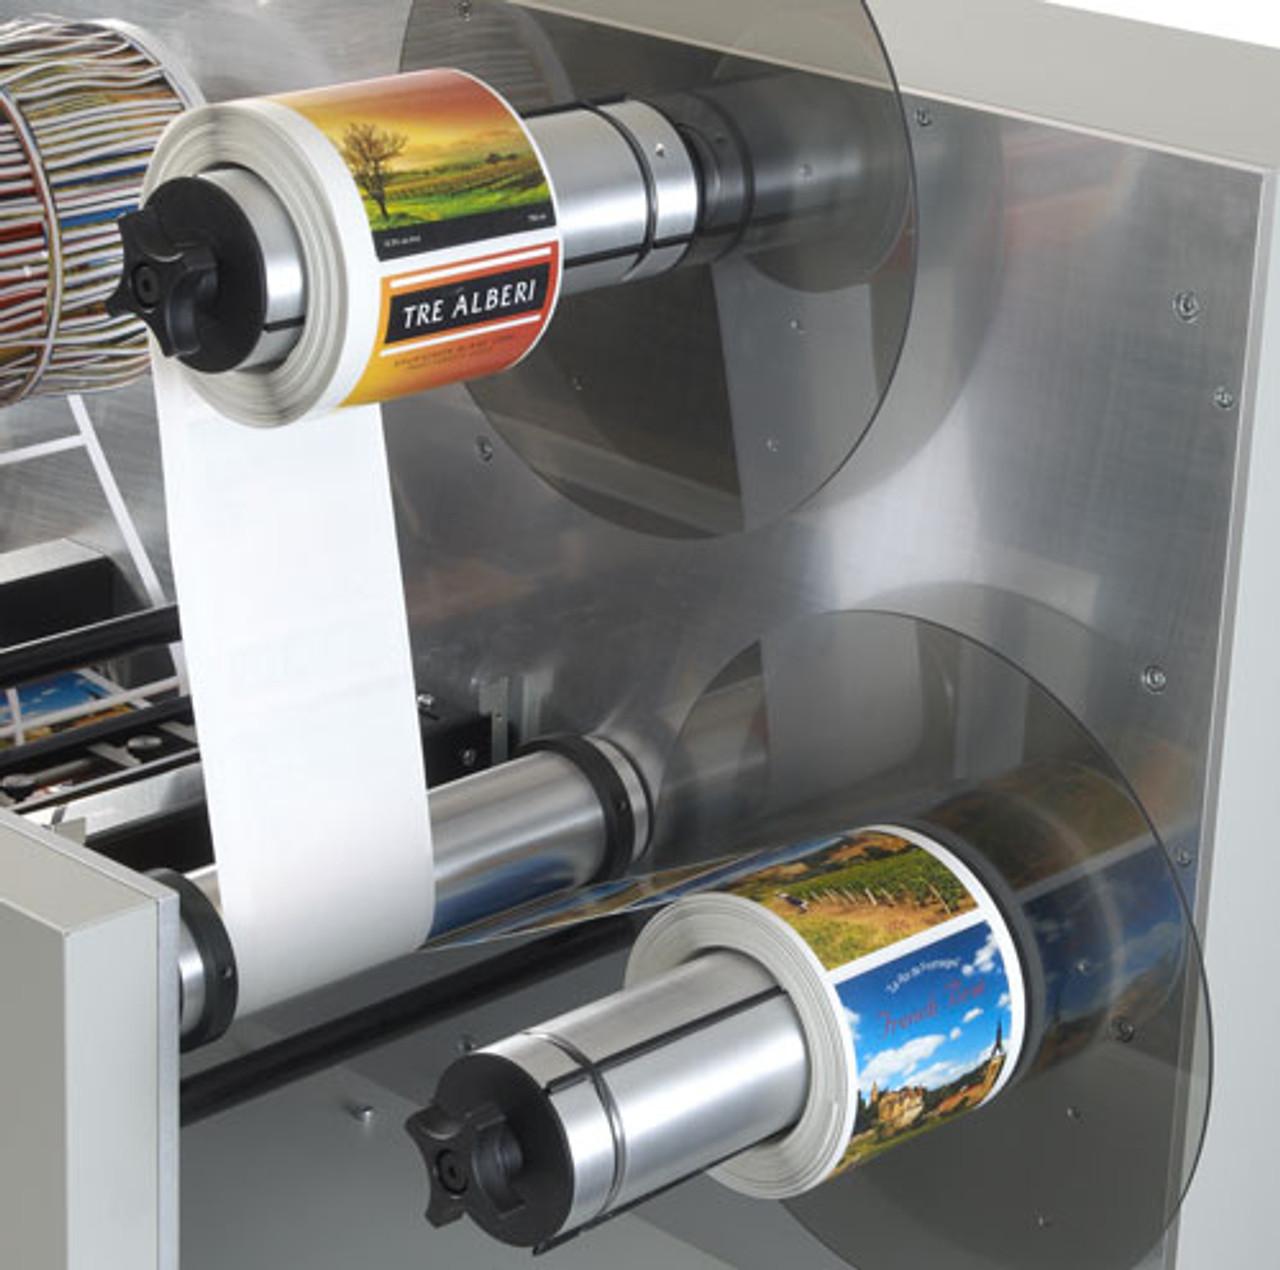 Rewinder on the Primera FX1200